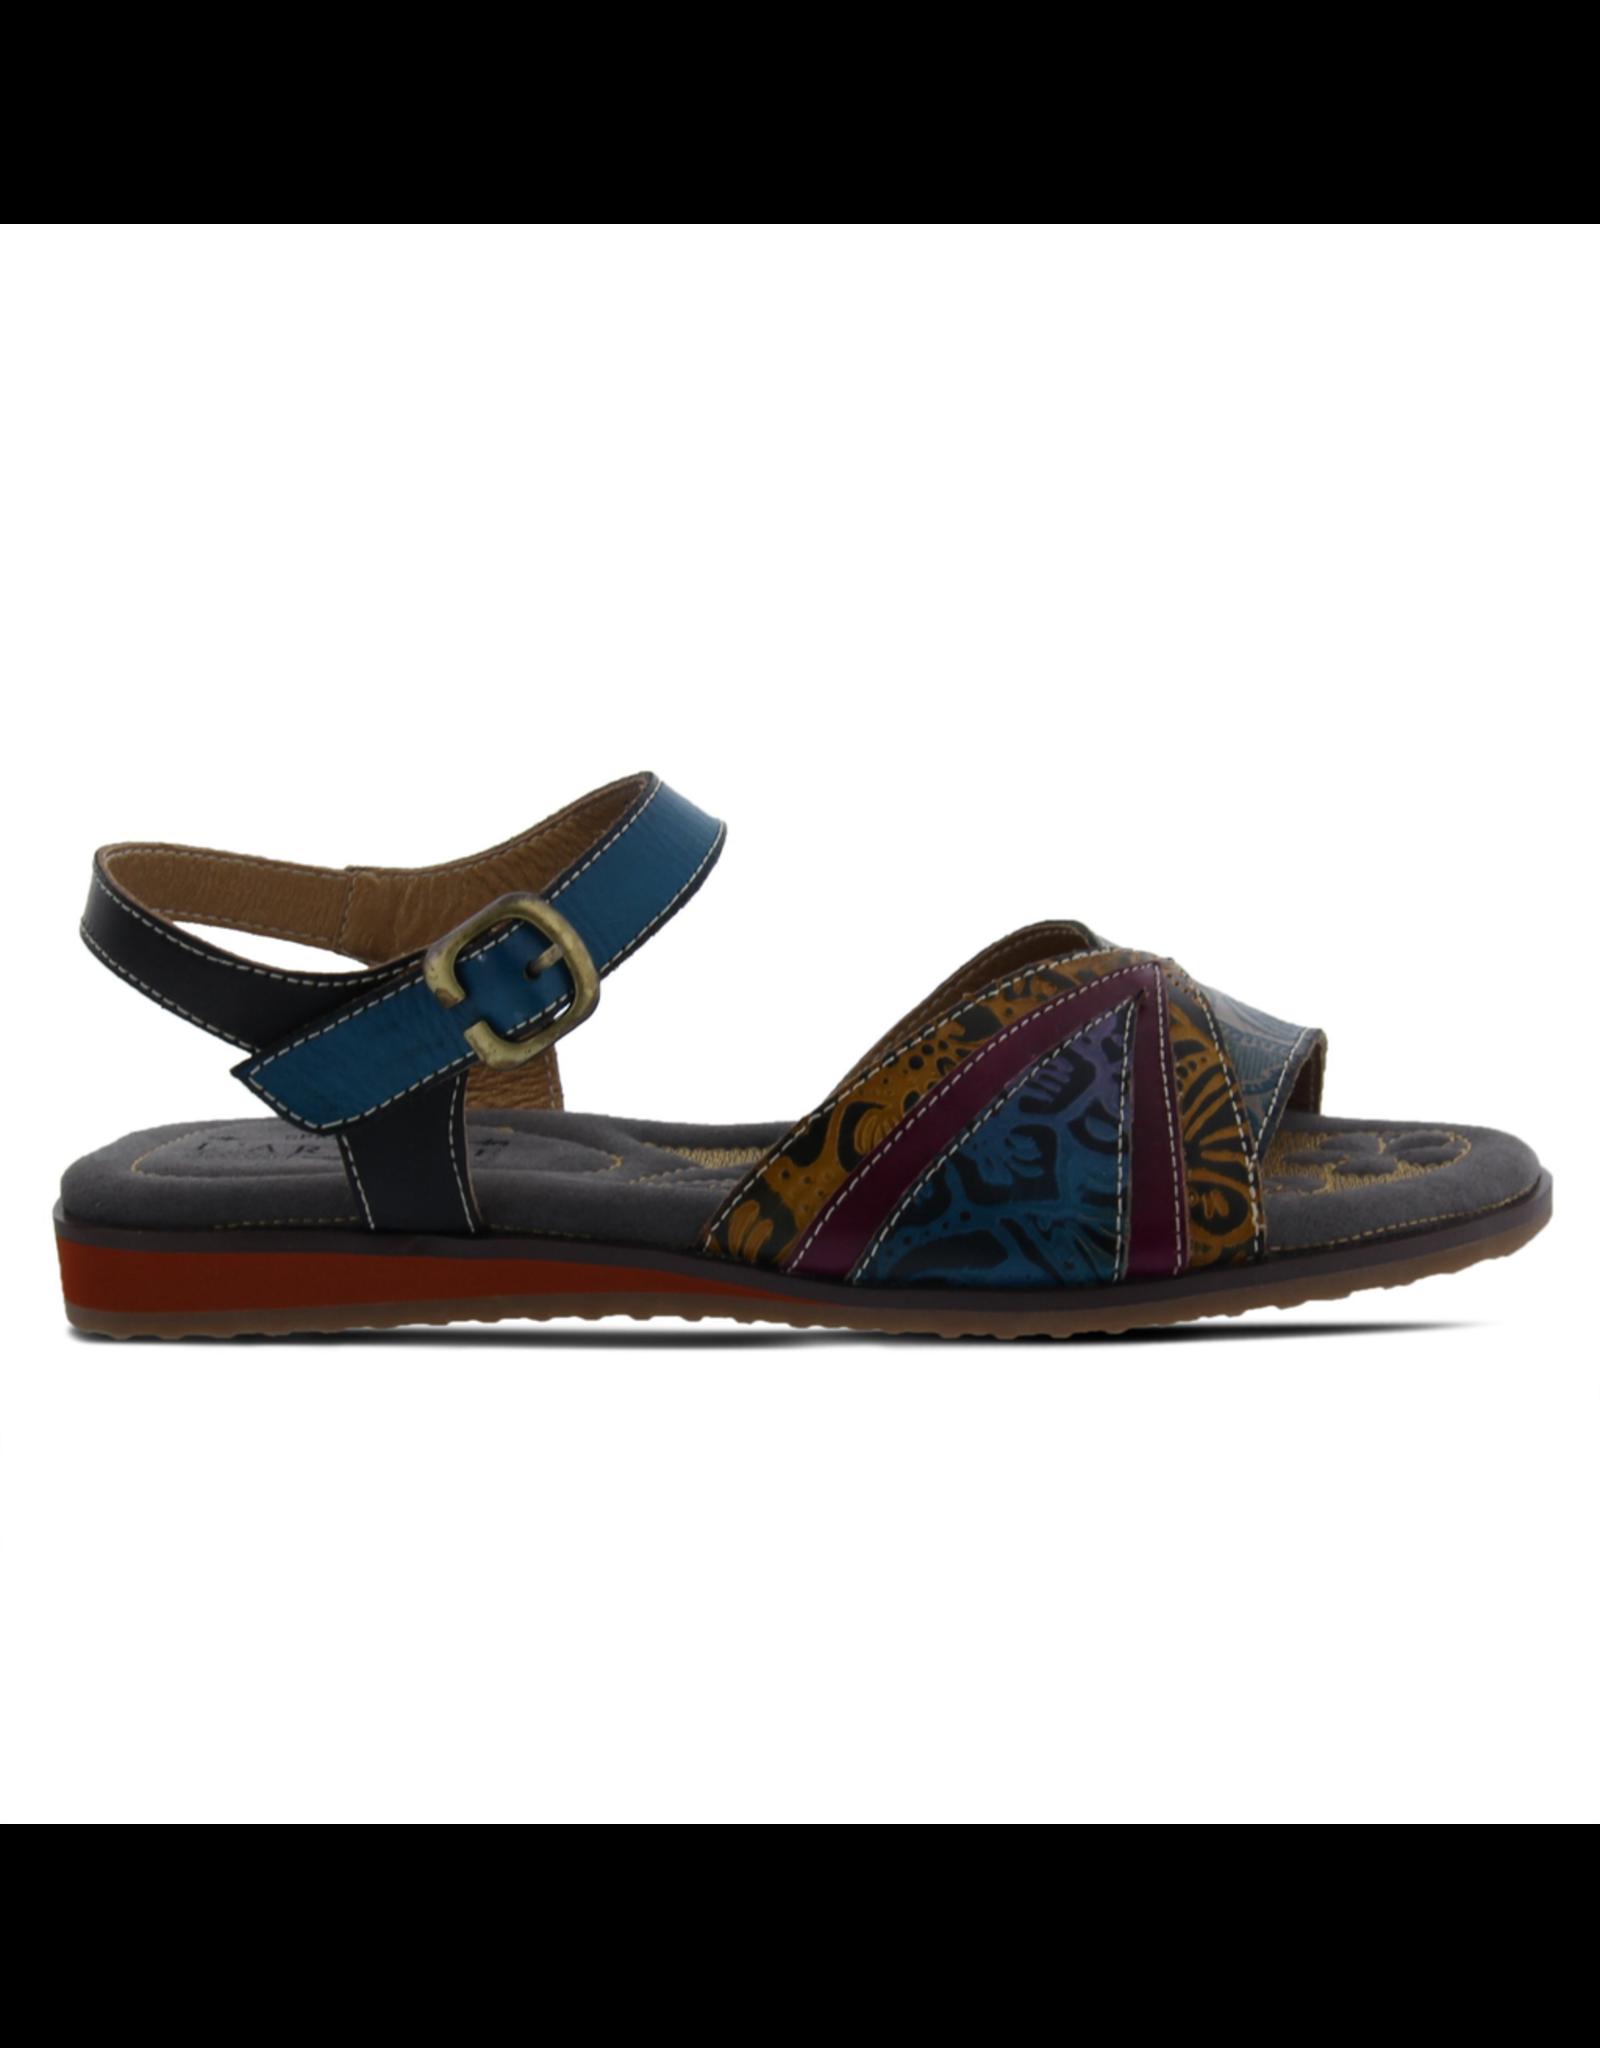 Spring Footwear Goldenite Leather Ankle Strap Sandal